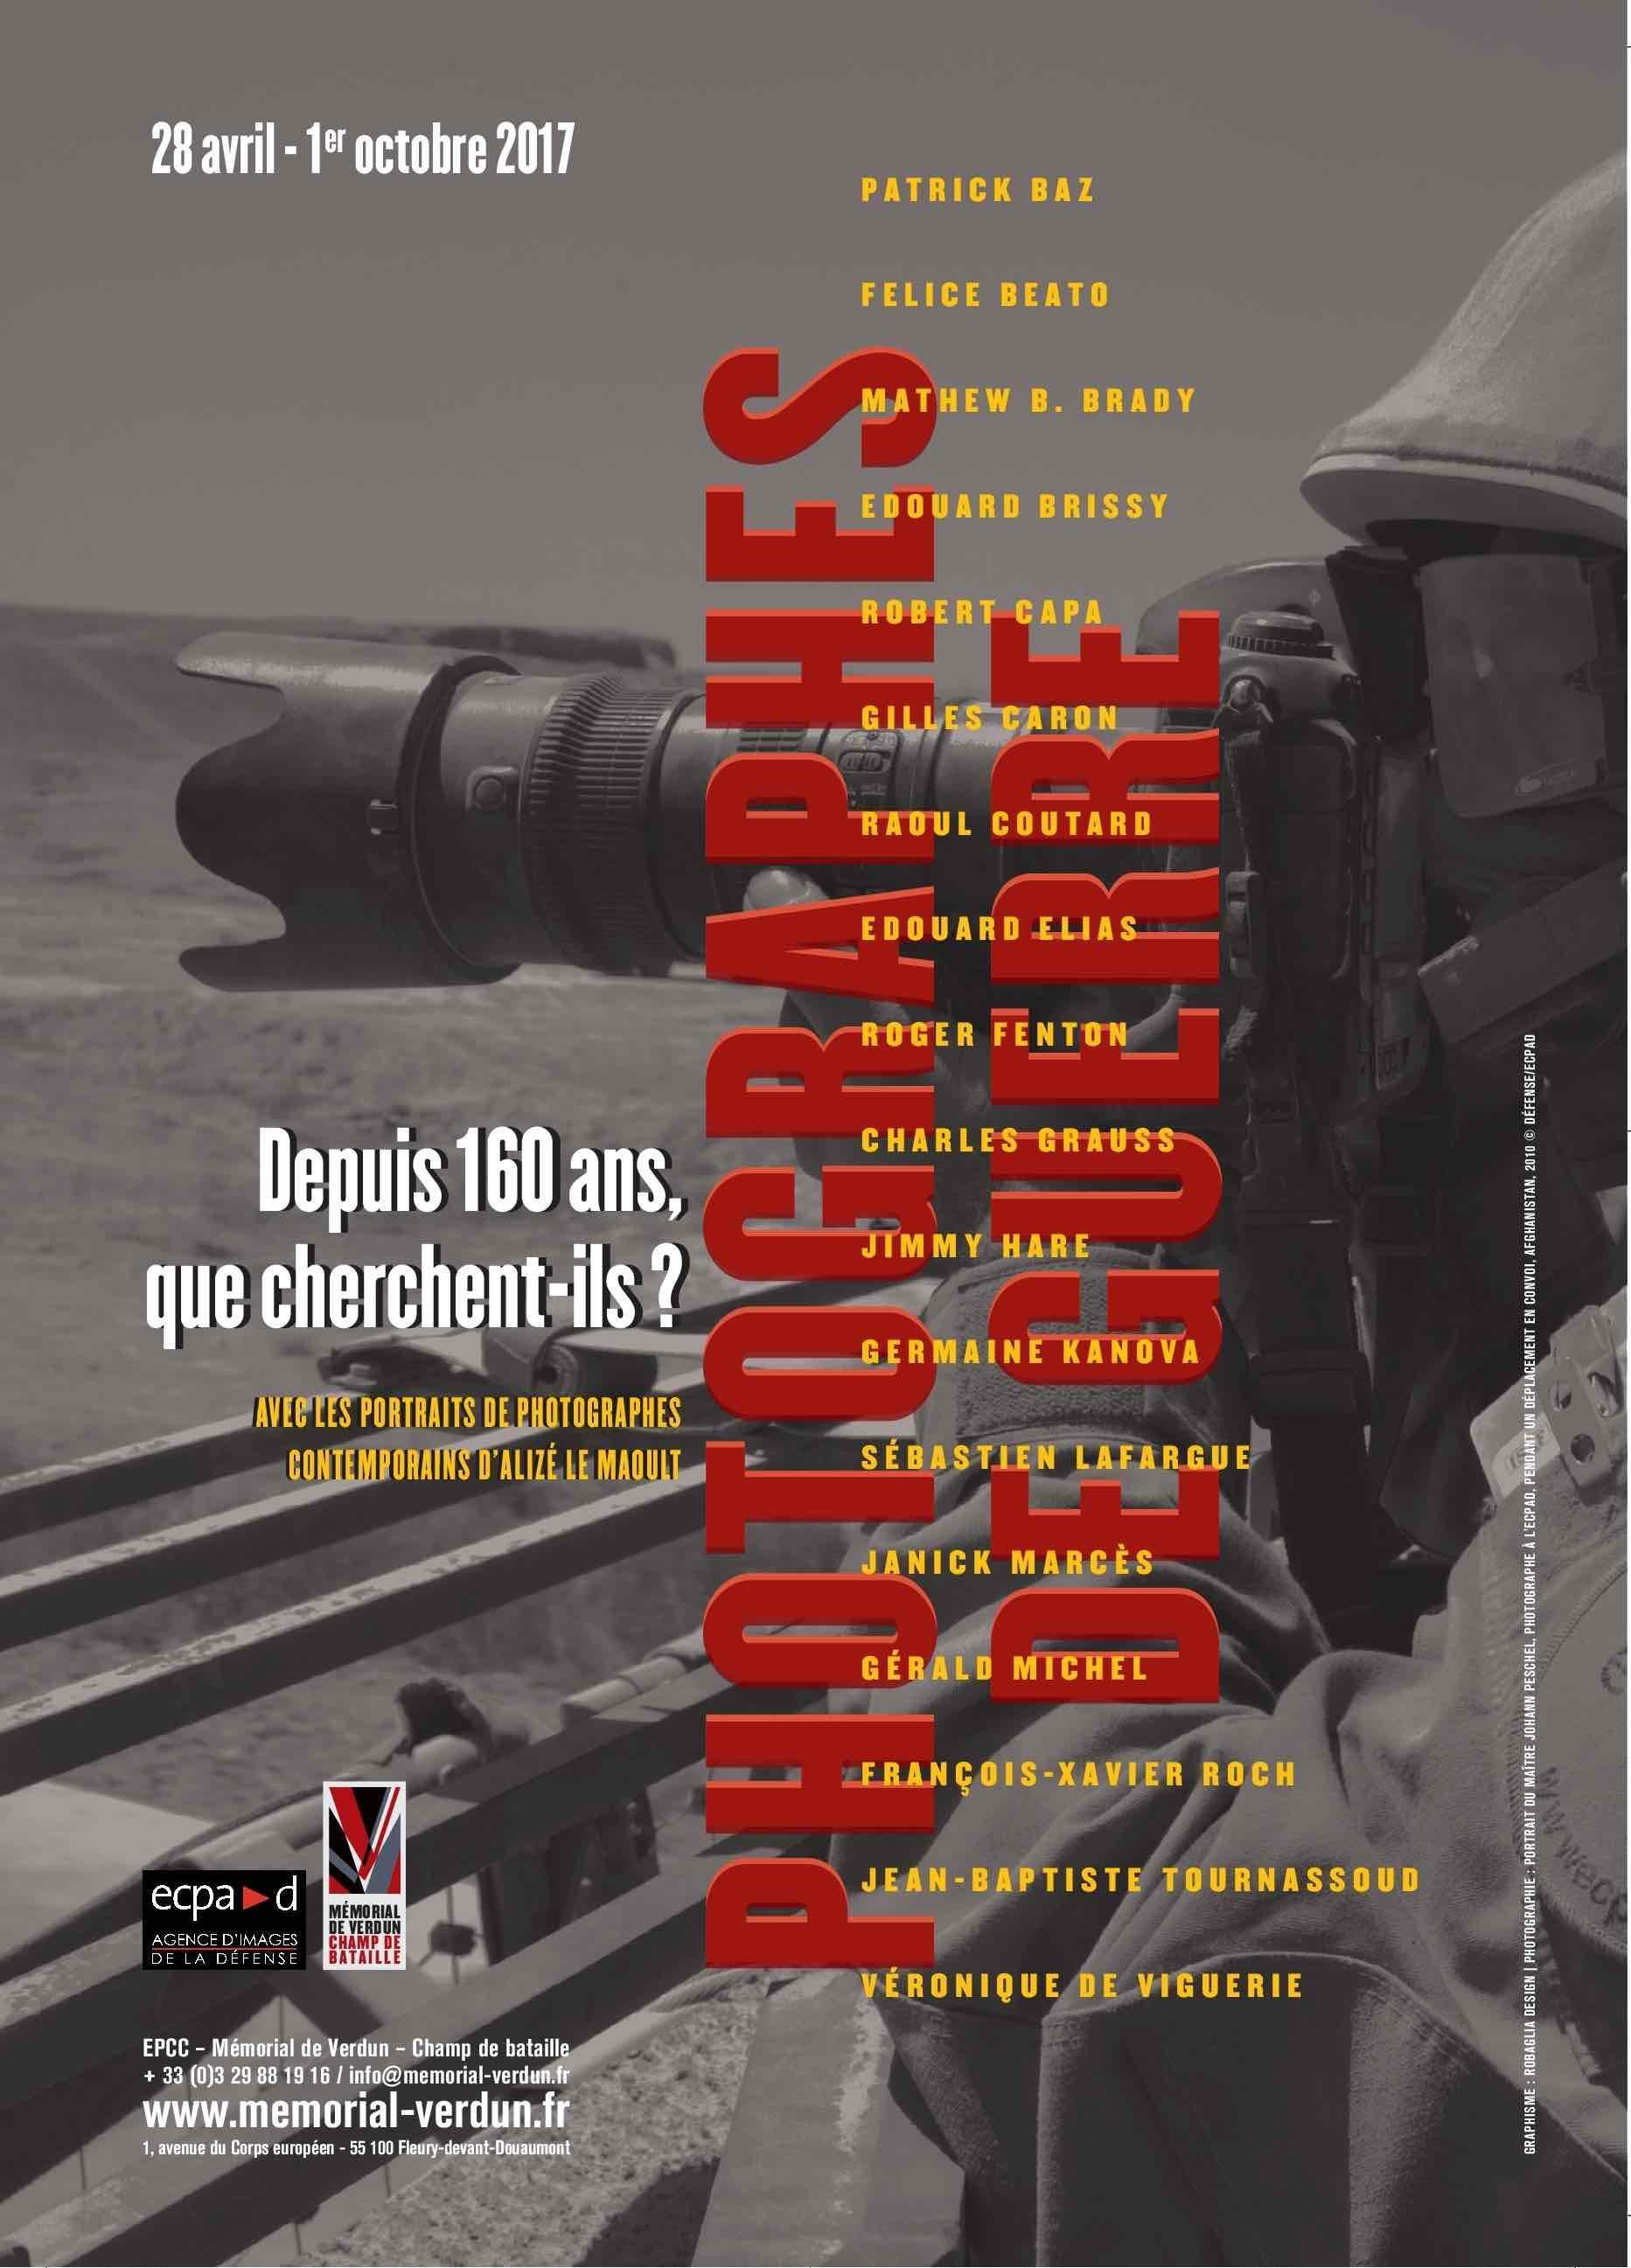 EXPOSITION | PHOTOGRAPHES DE GUERRE, DEPUIS 160 ANS, QUE CHERCHENT-ILS ?